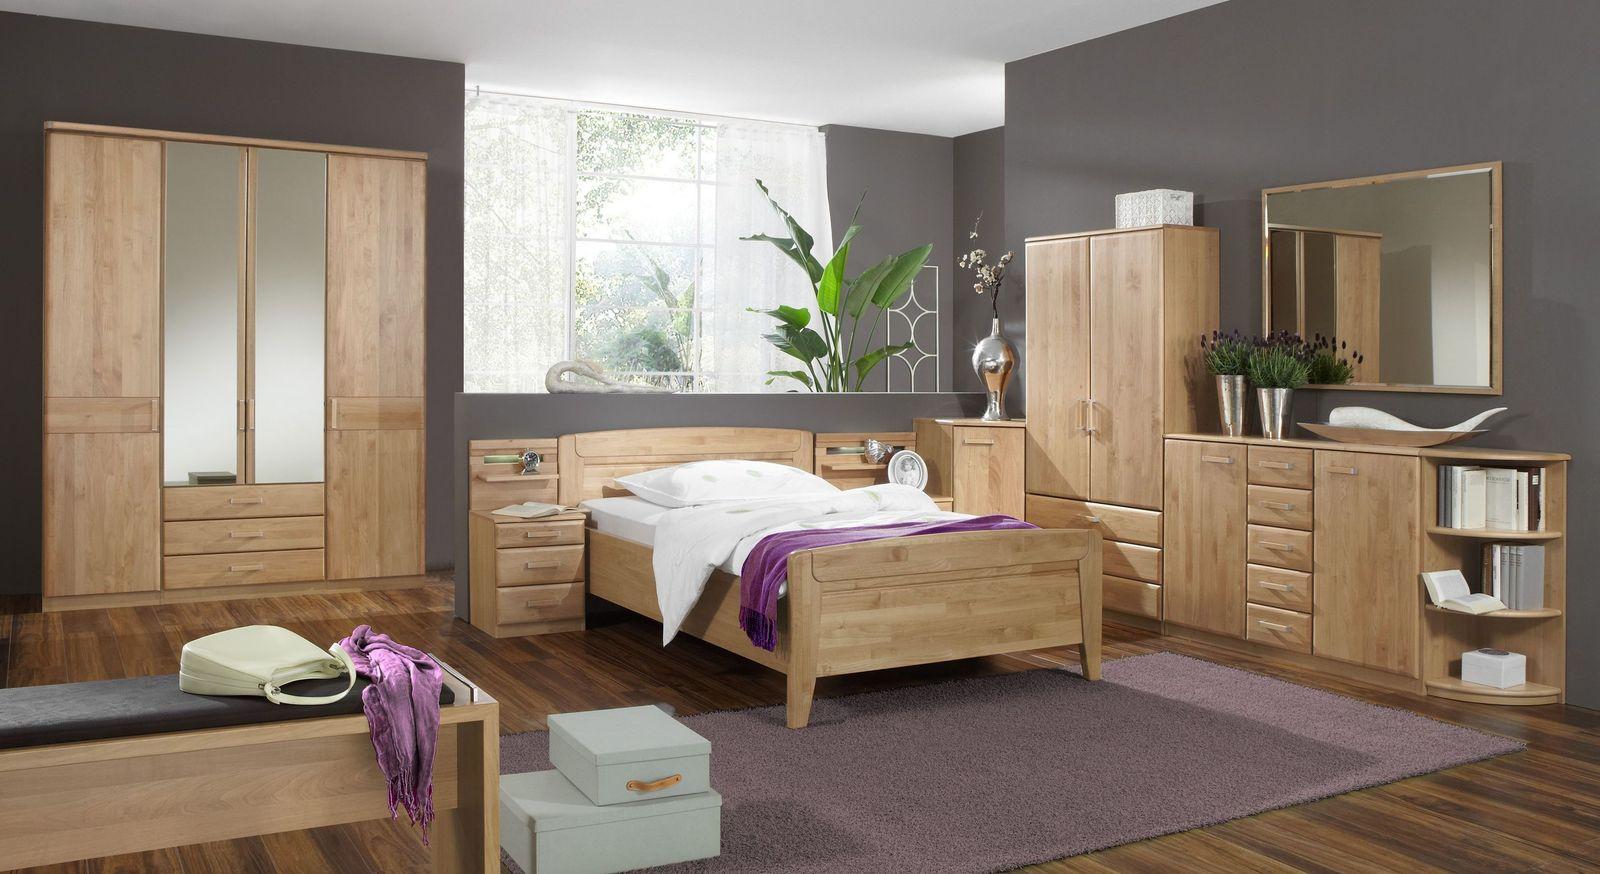 Teilmassives Komplett-Schlafzimmer Sanando aus naturfarbener Erle